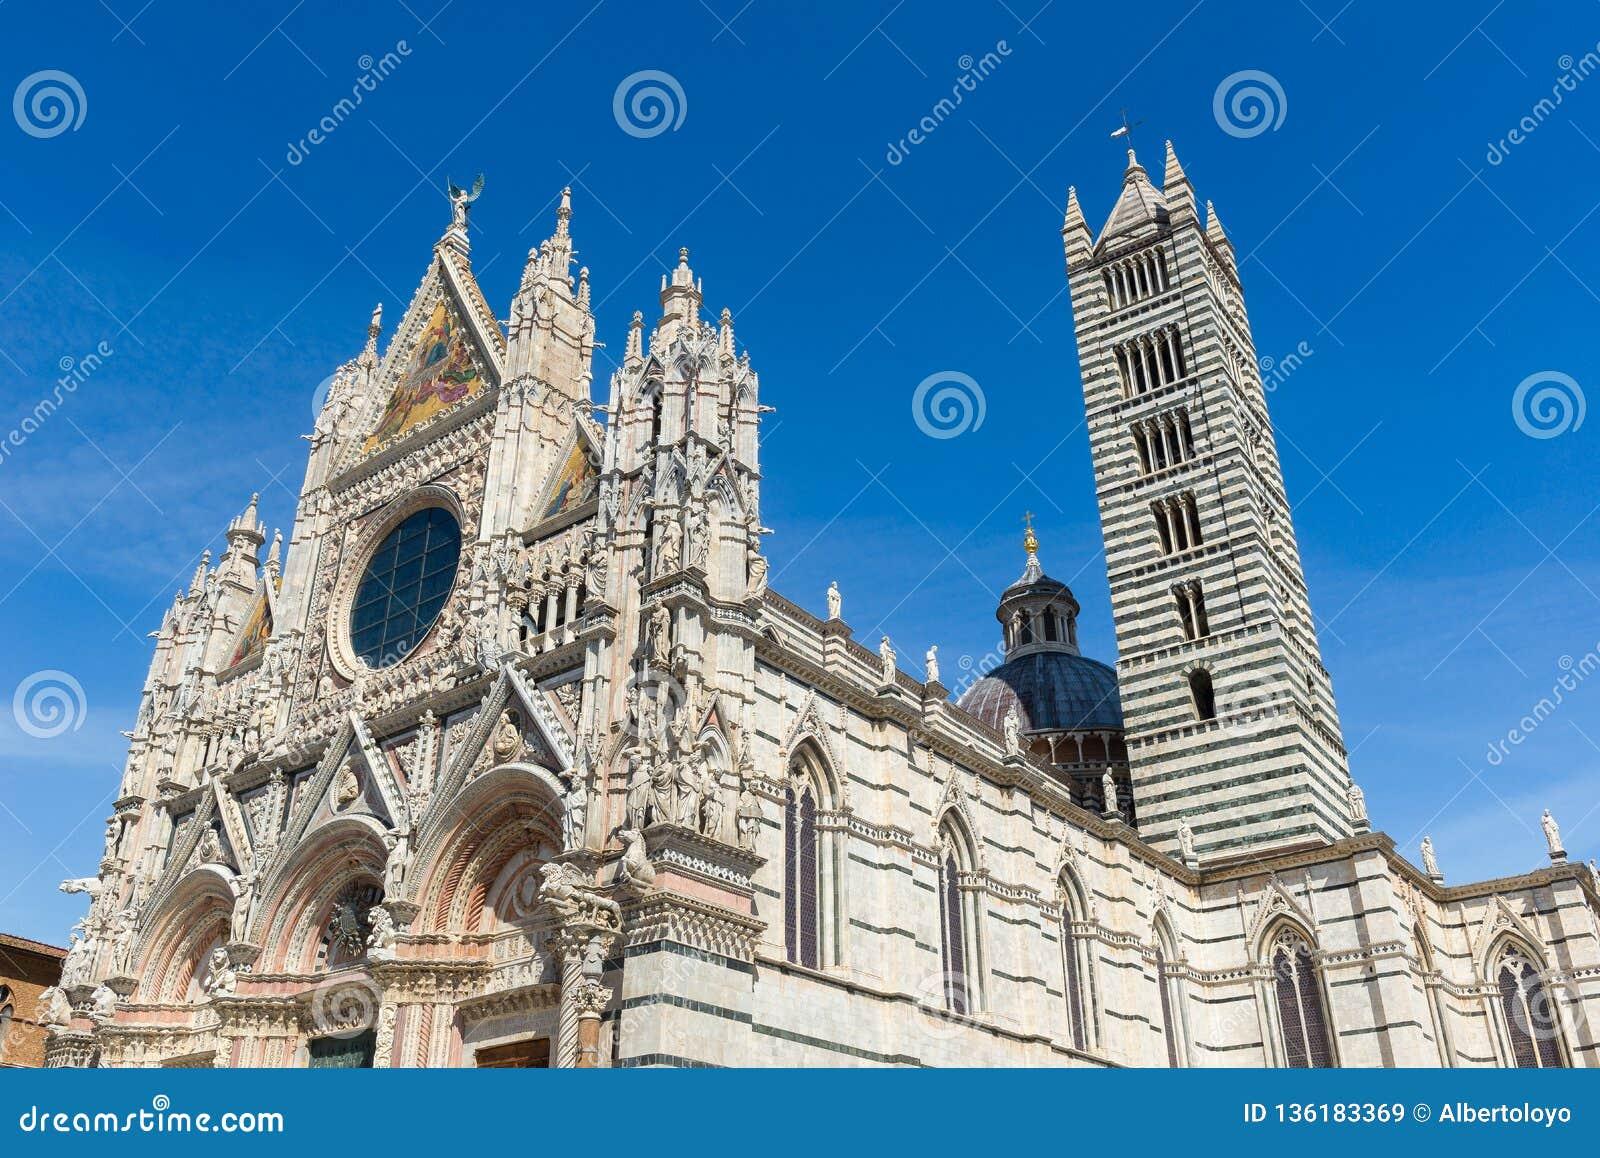 Siena Cathedral, eingeweiht der Annahme von gesegneten Jungfrau Maria